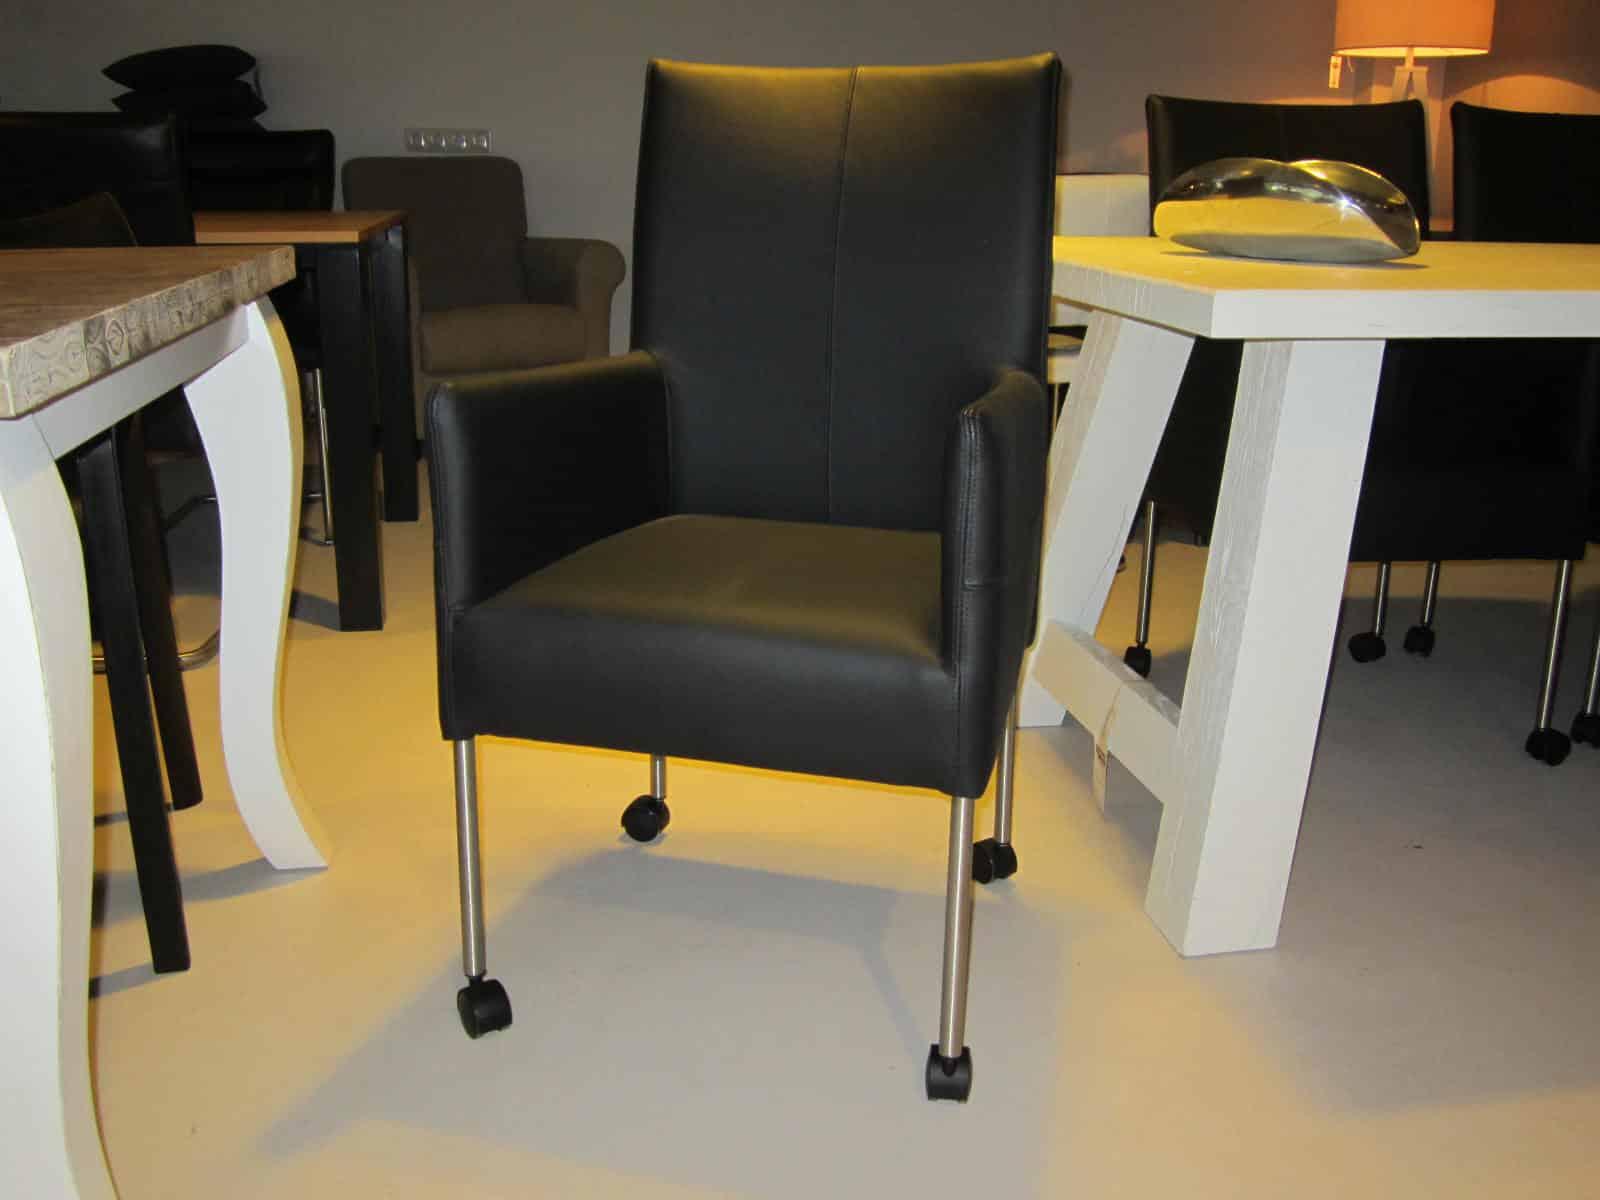 erstaunlich esszimmerst hle mit rollen bild erindzain. Black Bedroom Furniture Sets. Home Design Ideas